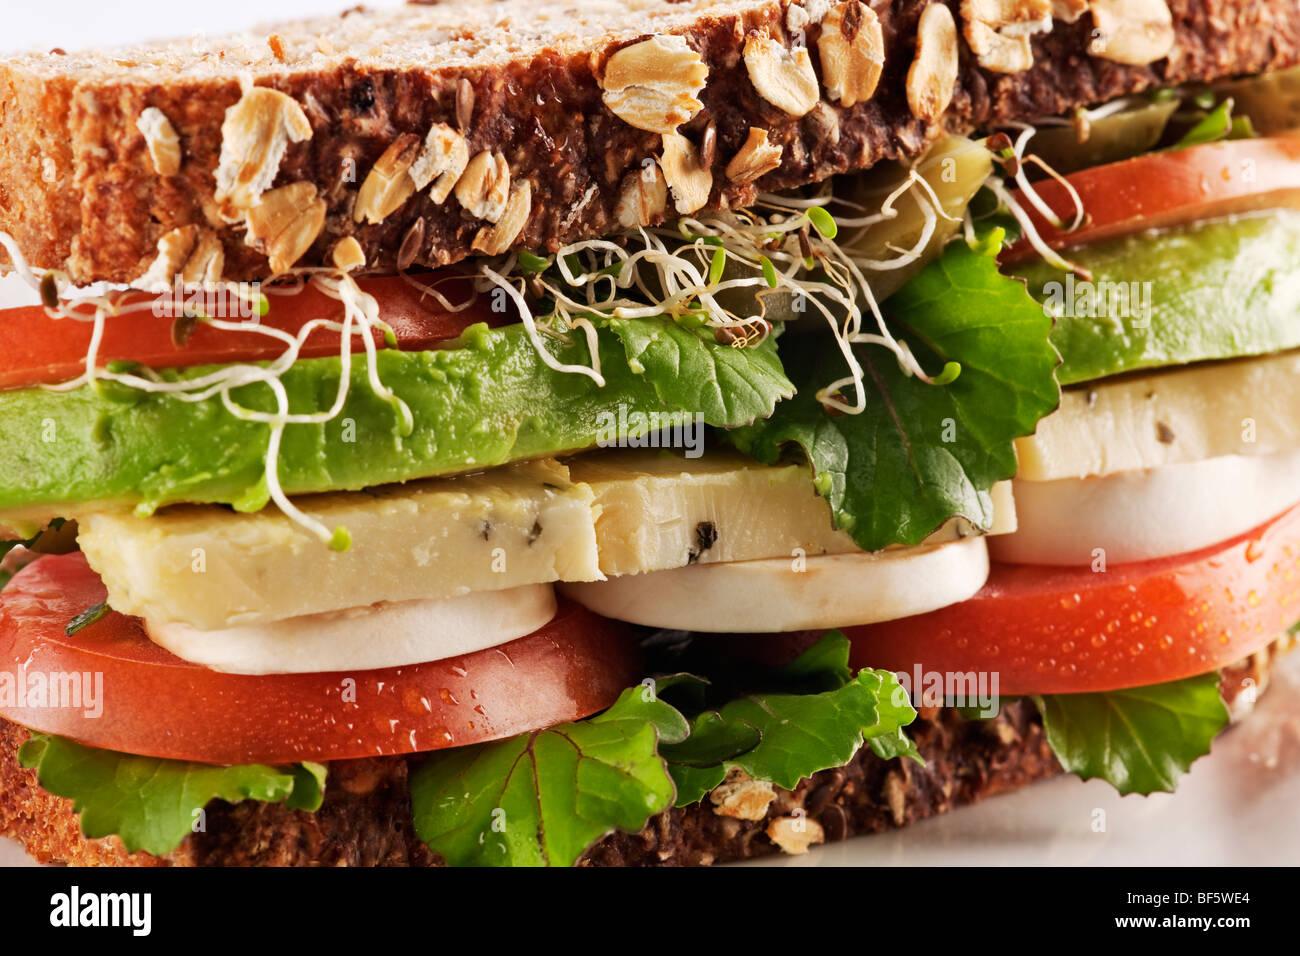 Santé végétarien sandwich pain avec avocat, fromage, champignons, choux, laitue et tomates Photo Stock